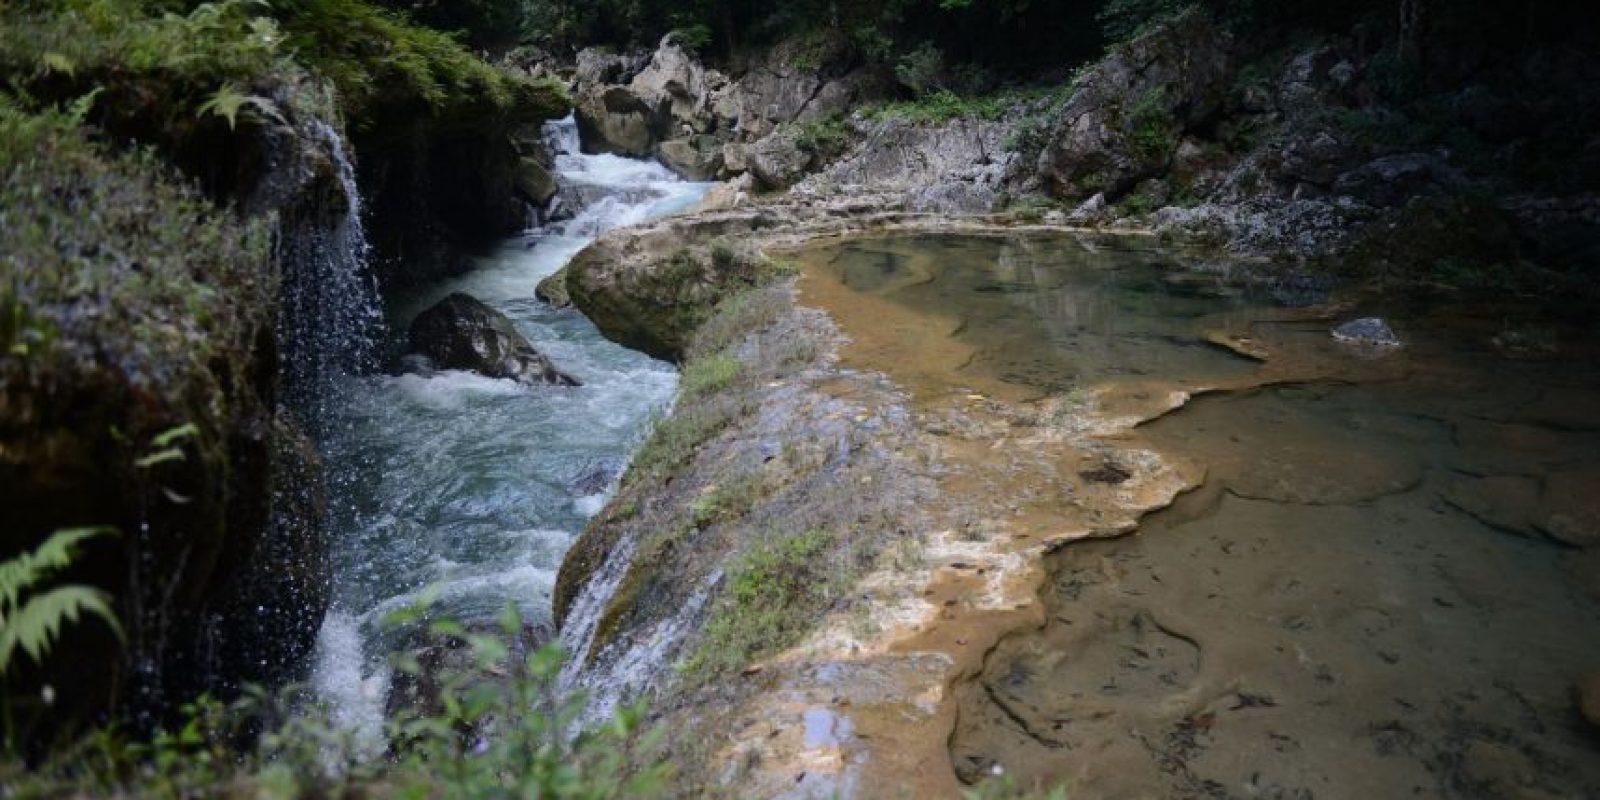 El río Cahabón pasa por debajo de las piletas de agua cristalina Foto:Oliver de Ros